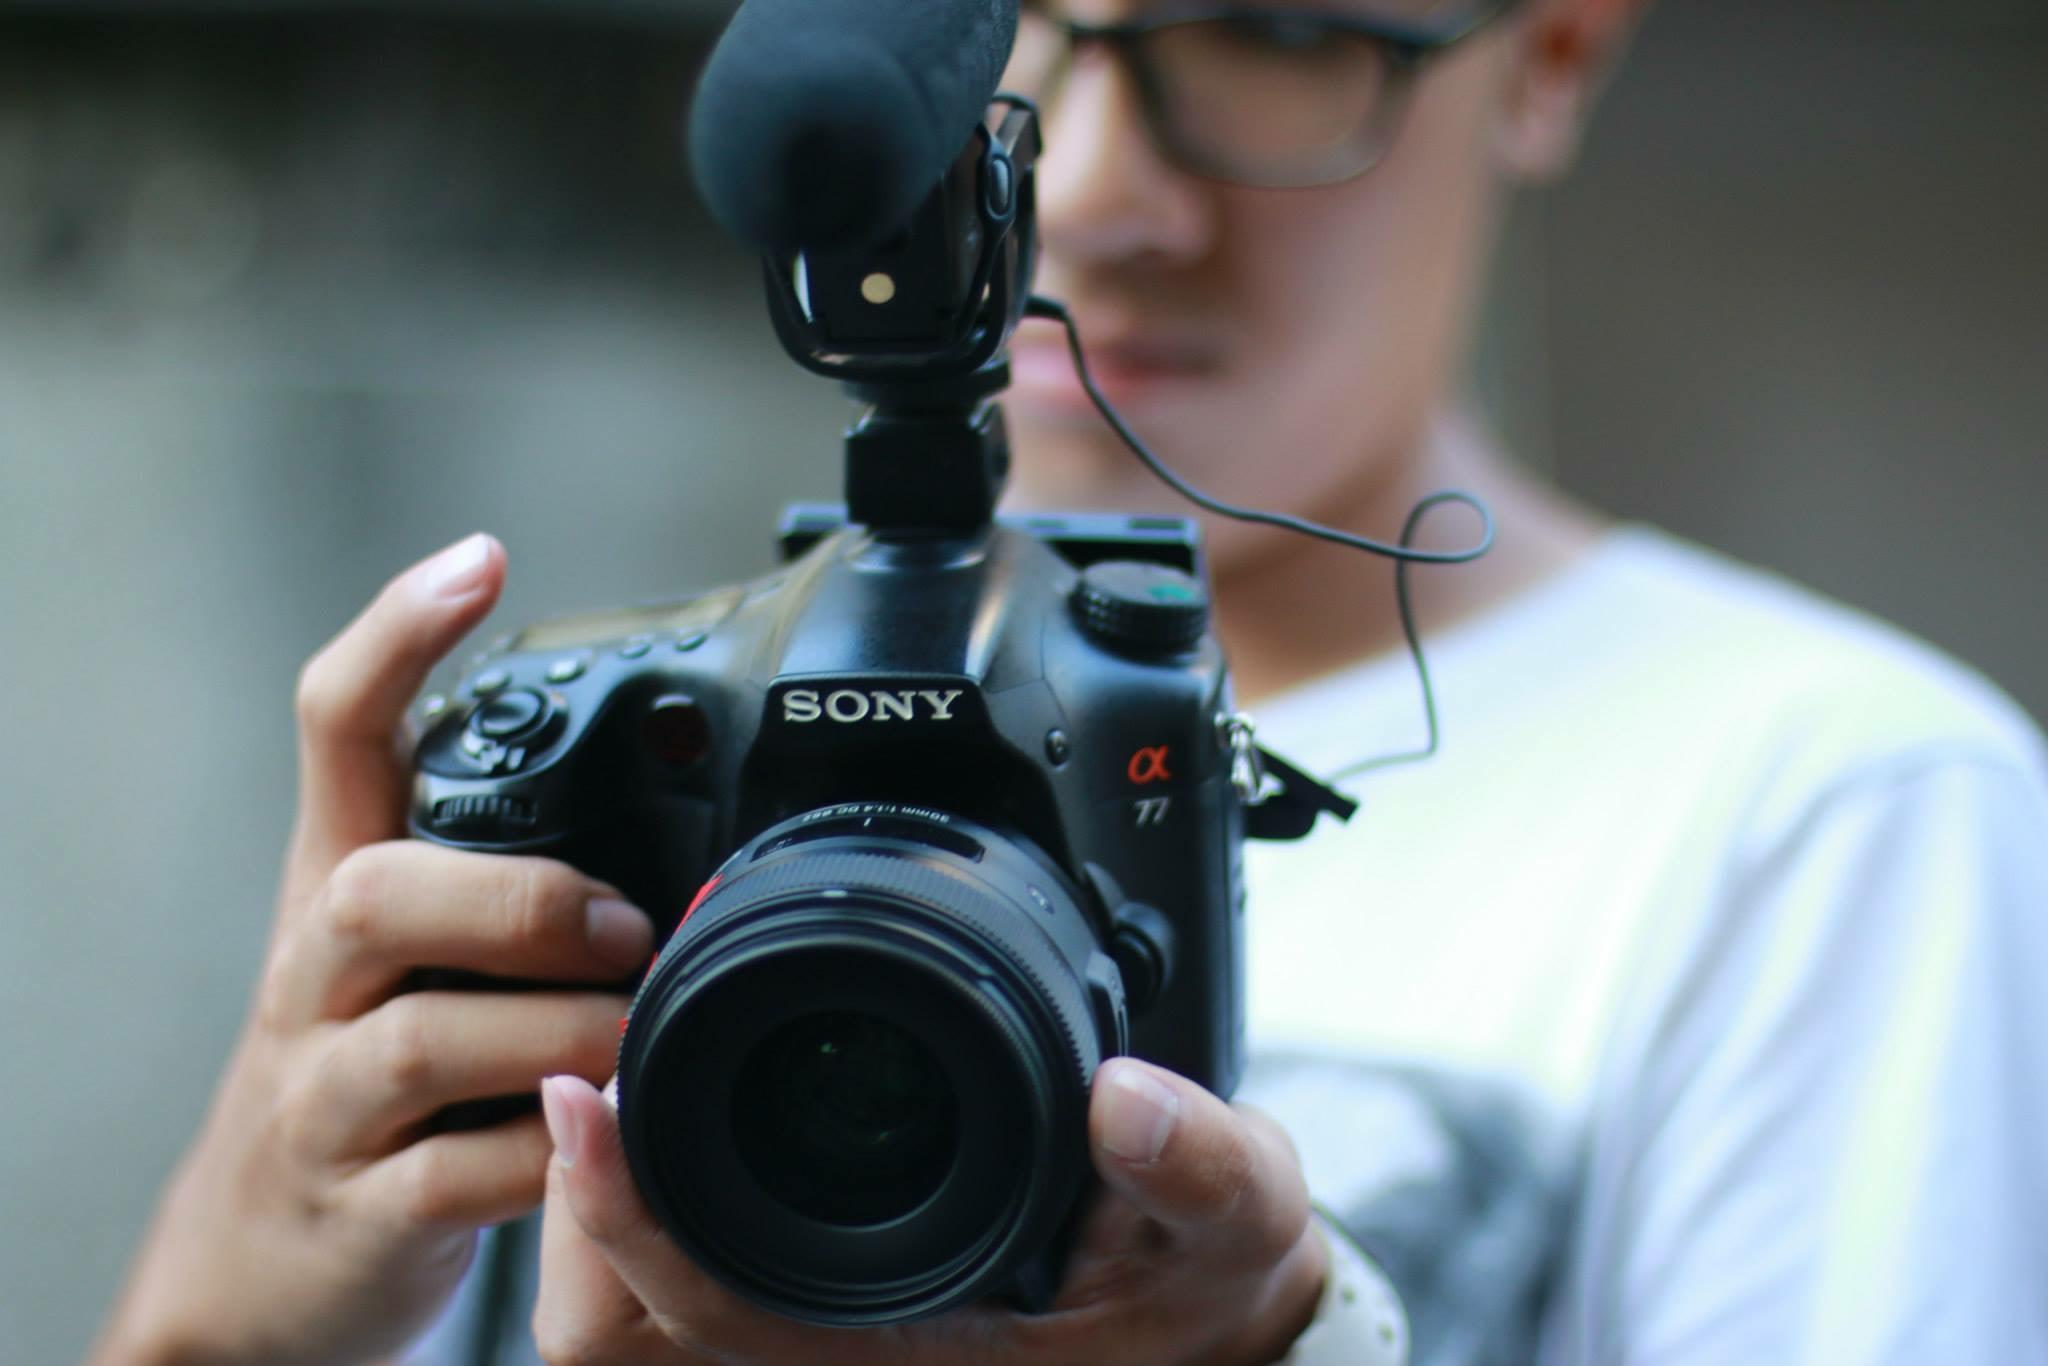 Go to 蔡 嘉宇's profile